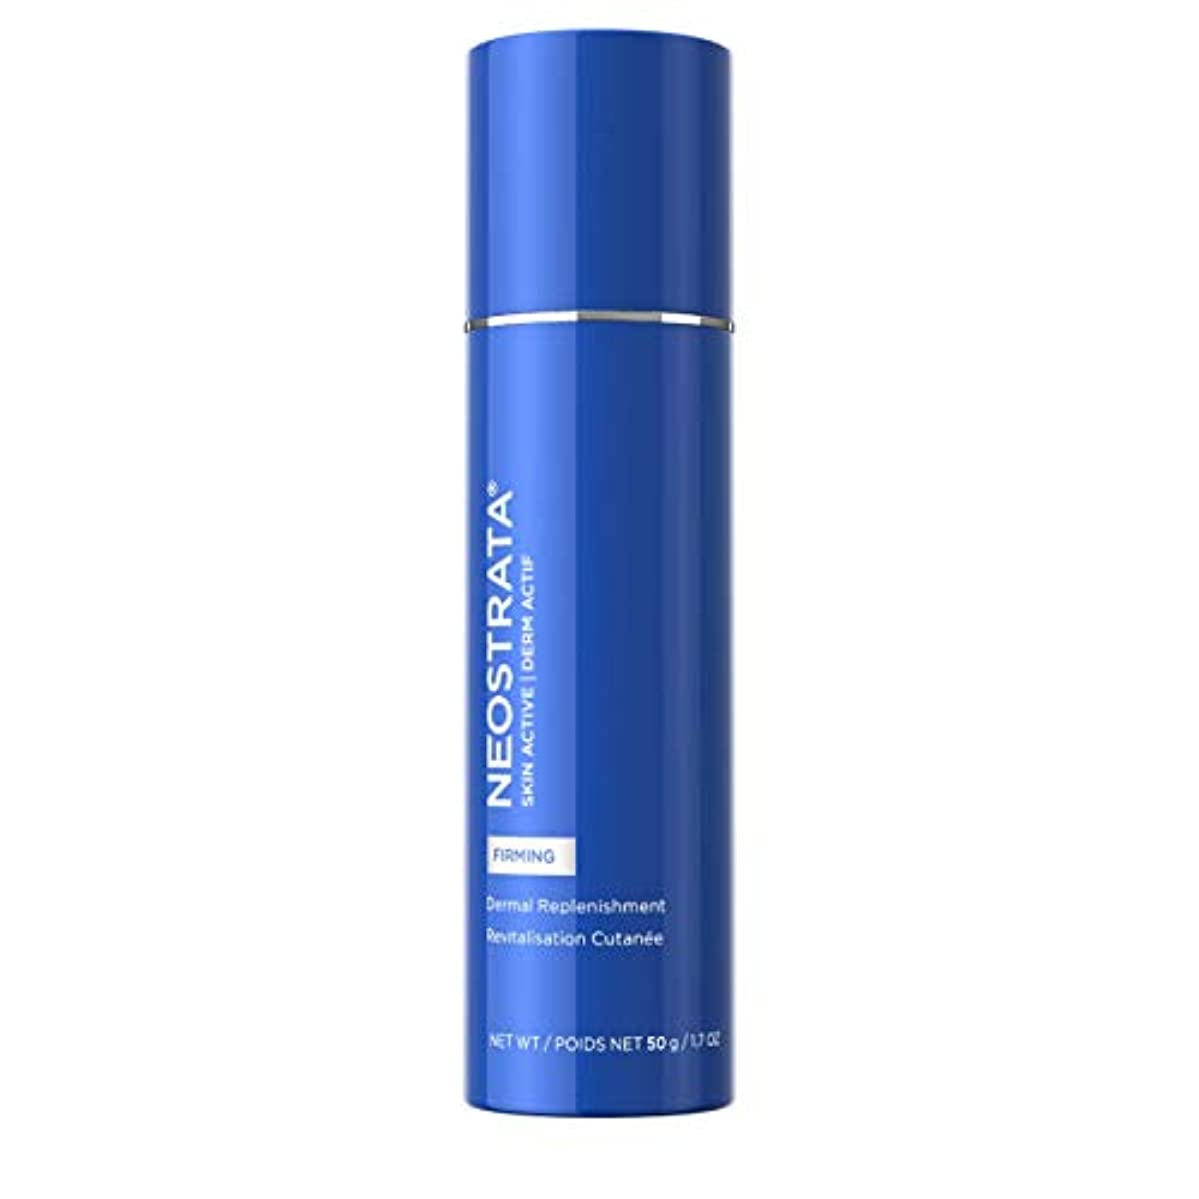 吐き出す解体する毎年ネオストラータ Skin Active Derm Actif Firming - Dermal Replenishment Natural Moisturizing Factor Concentrate 50g/0.17oz...